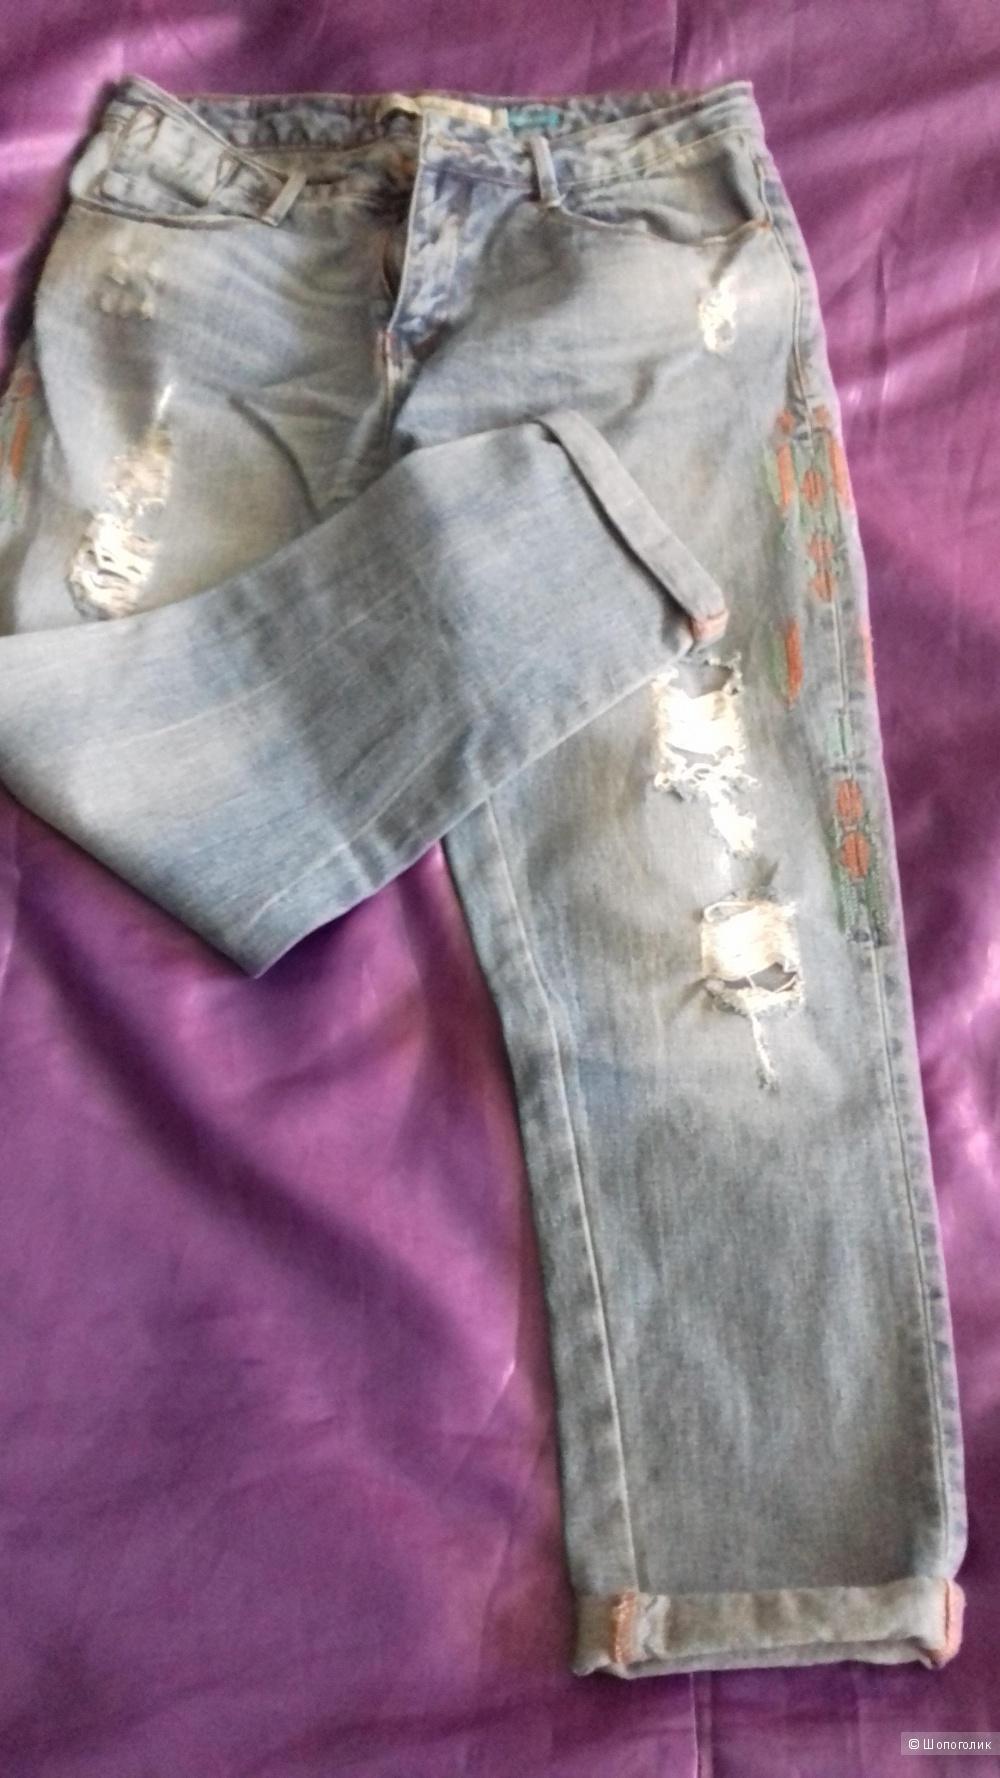 Джинсы бой-френды Trafaluk Zara, 46-48 размер (USA 10, EUR 42)